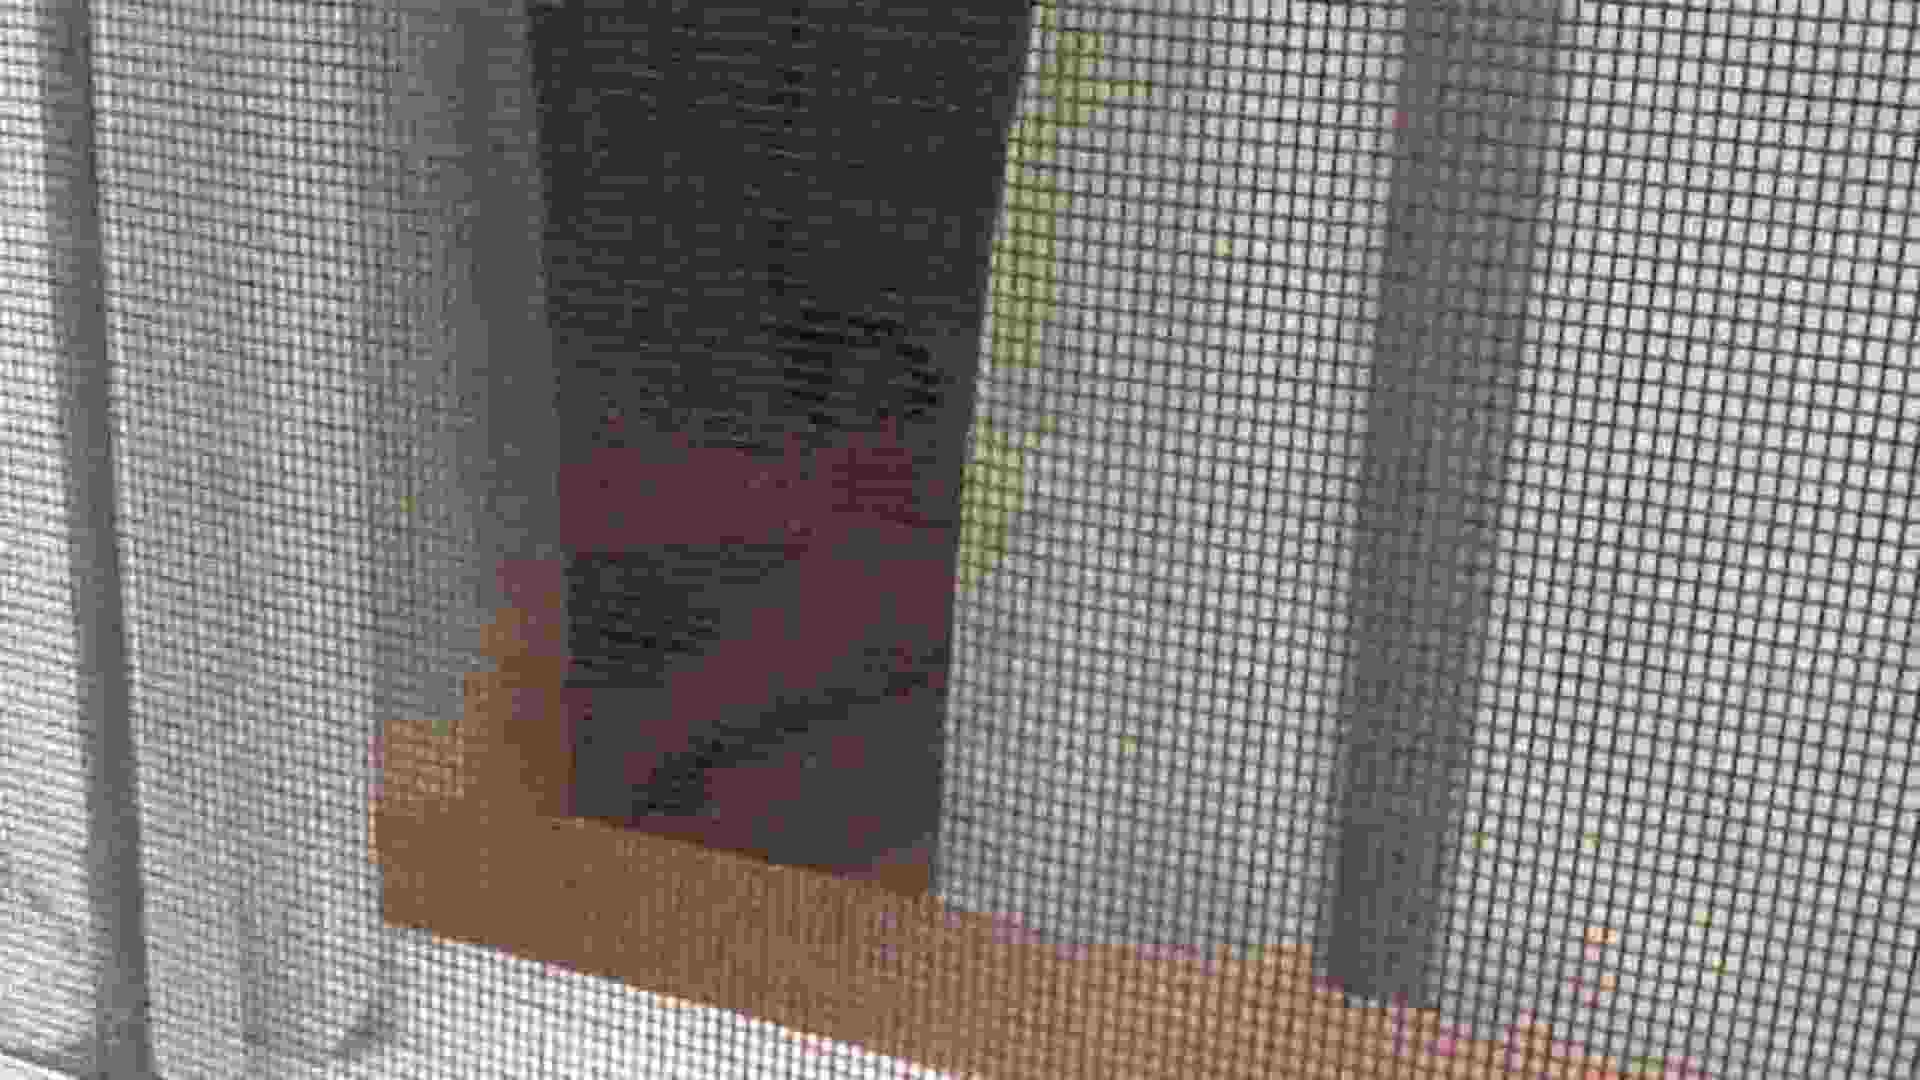 老舗ペンション2代目オーナーが流出したお宝映像Vol.1 覗き ヌード画像 82連発 19